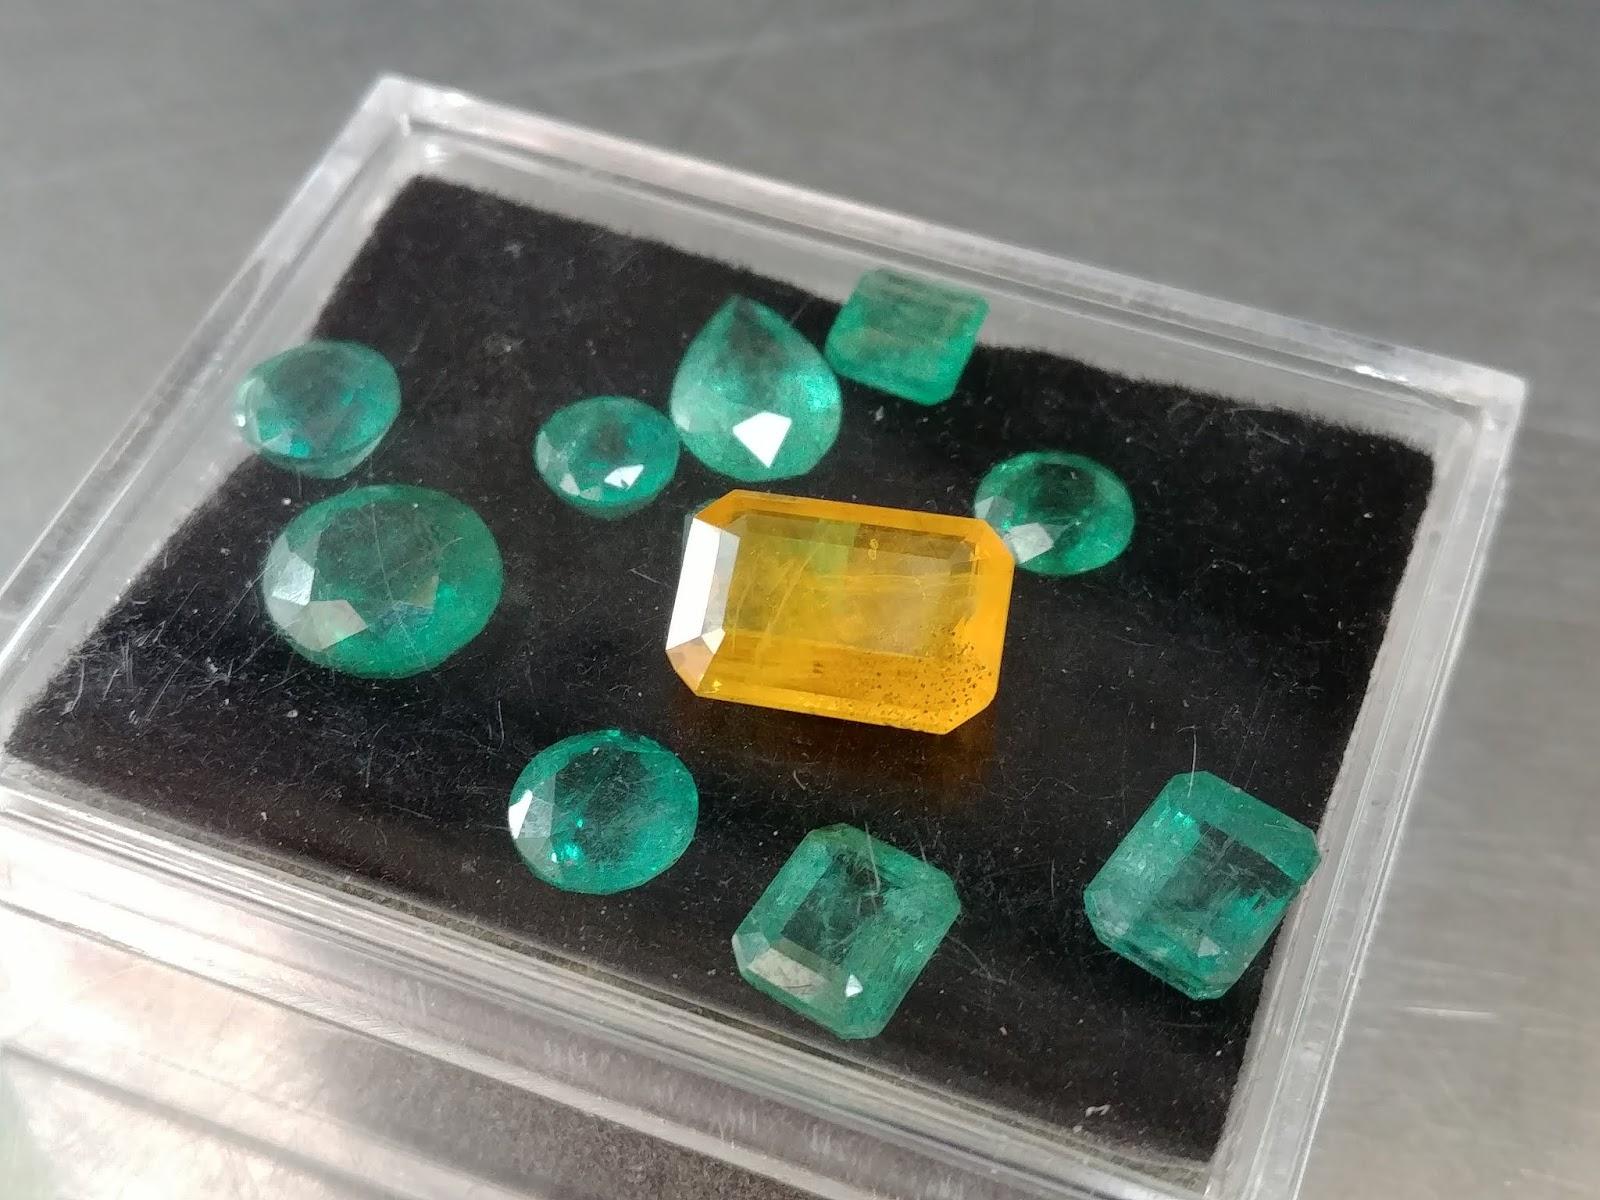 Đá quý Natural Sapphire thiên nhiên, màu vàng cắt giác hình chữ nhật 3.9 cts